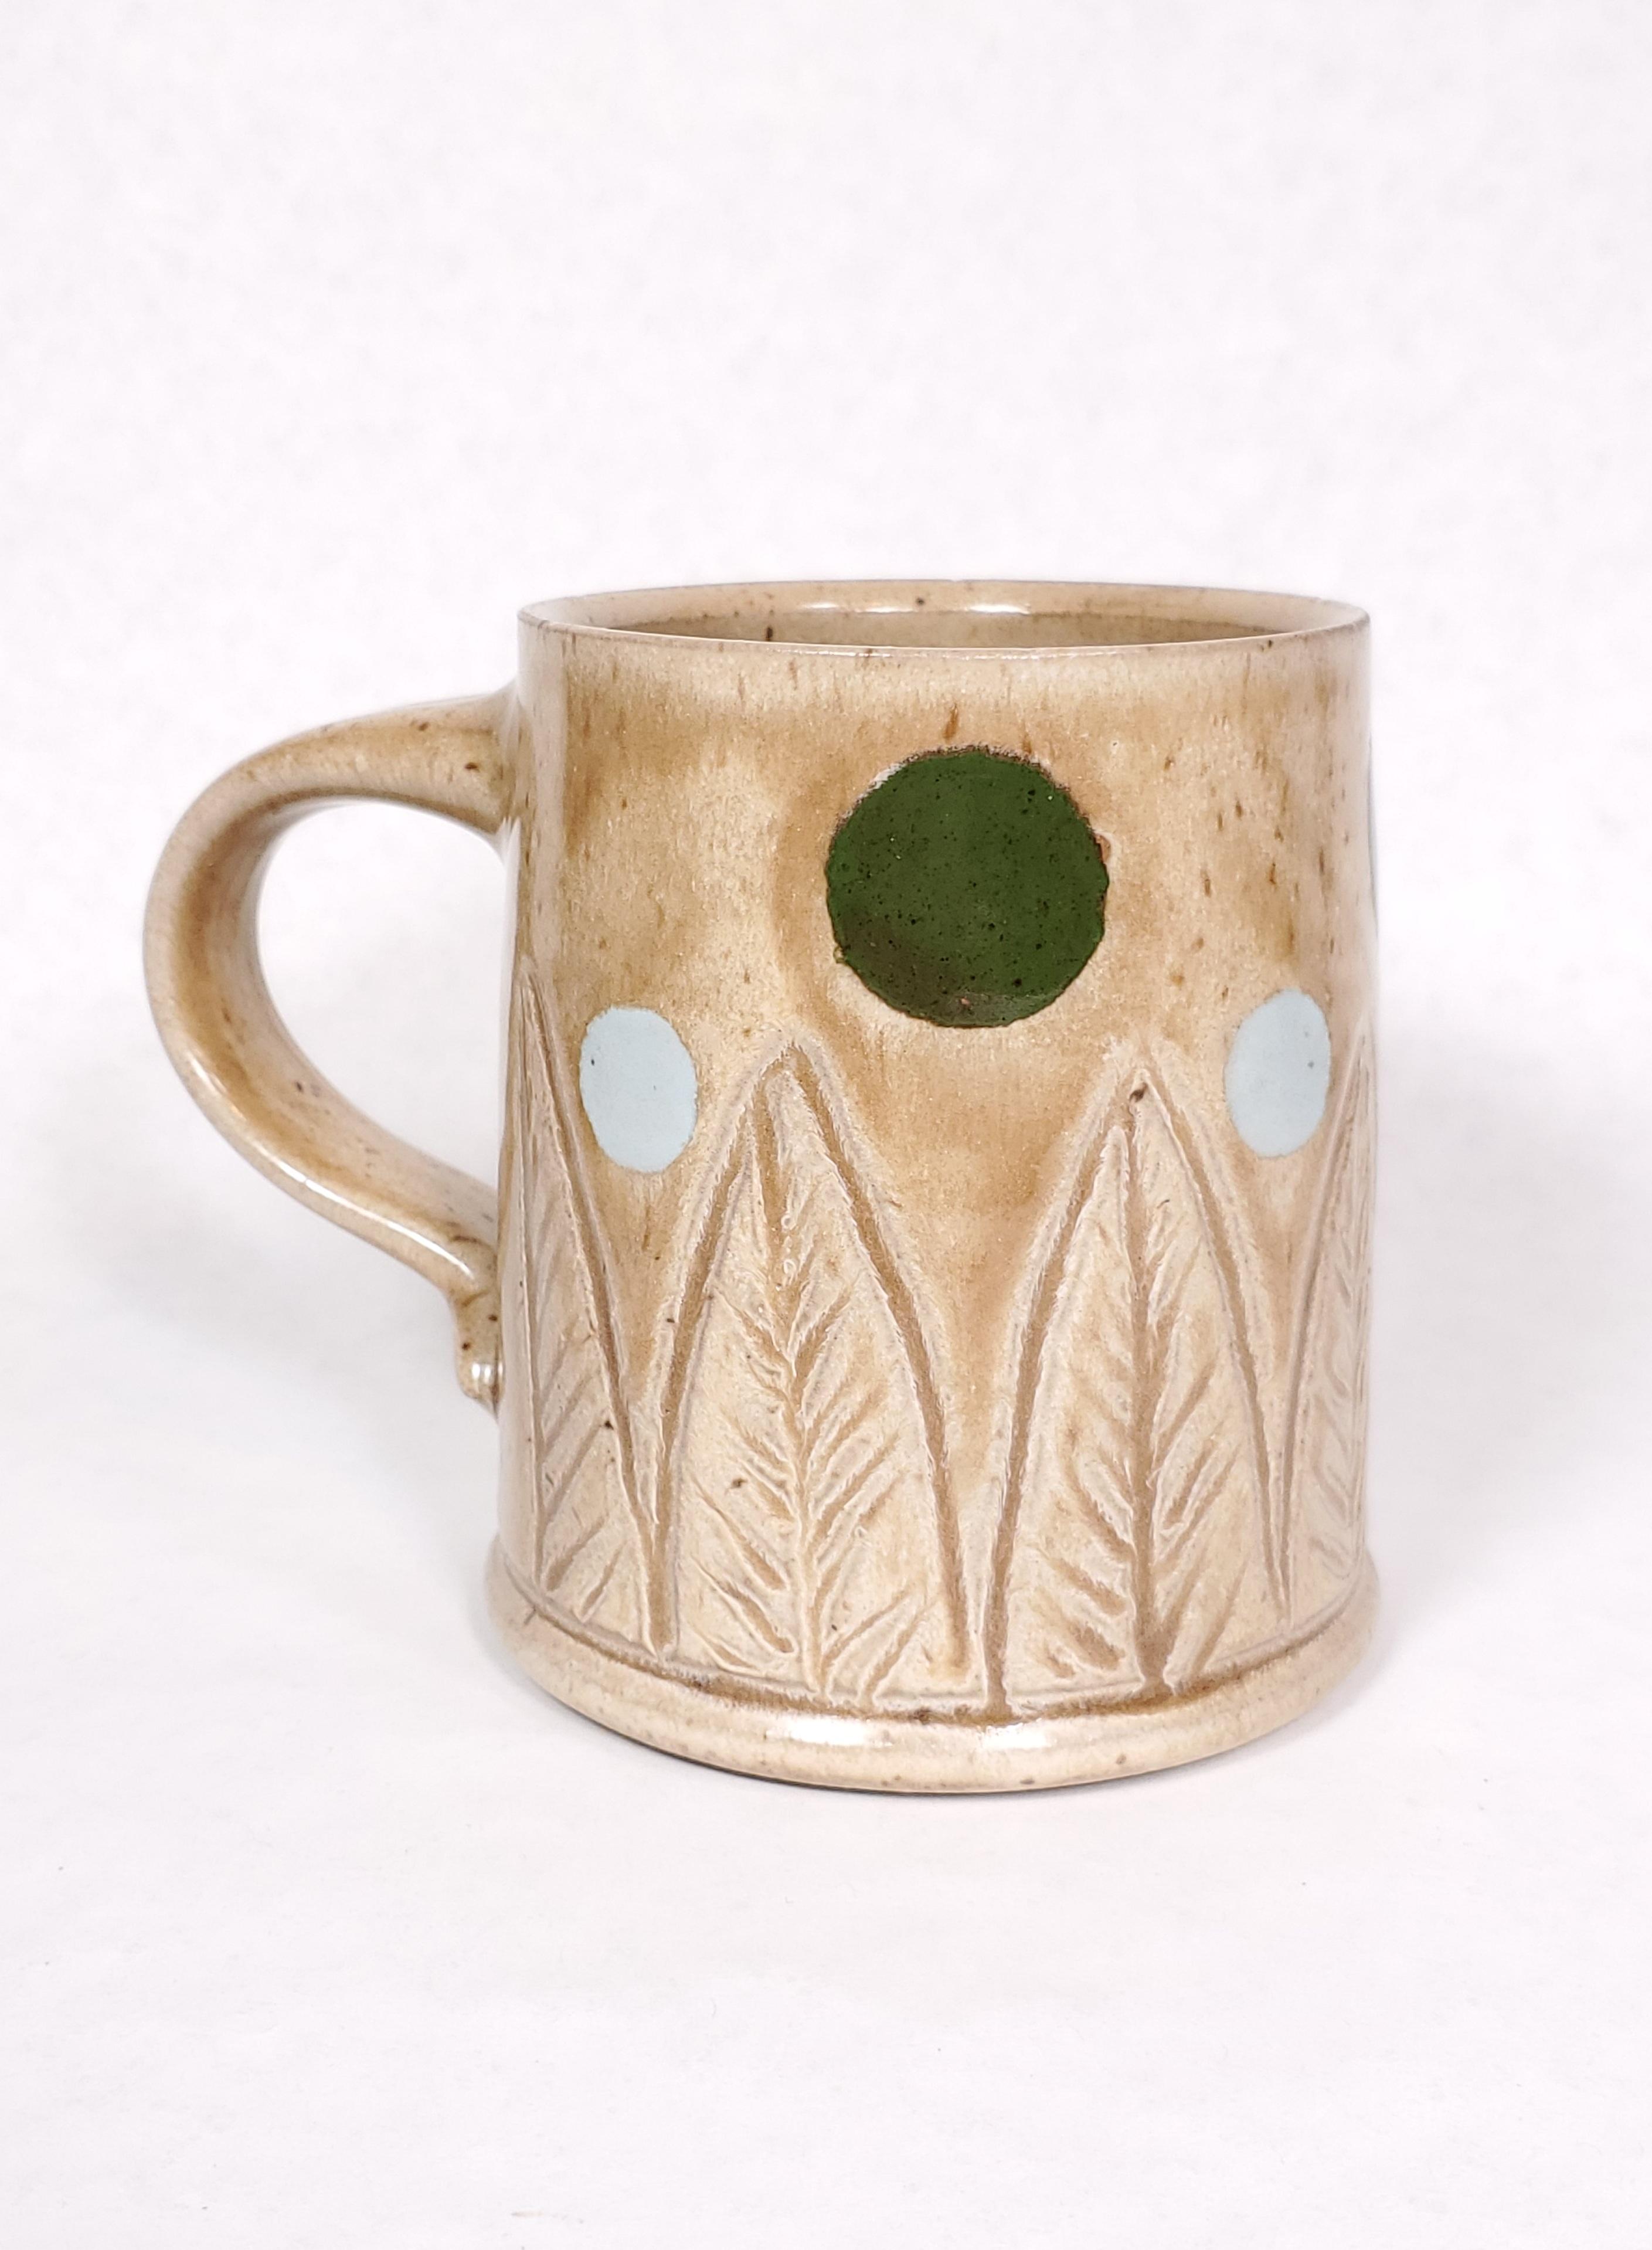 Tan Mug with leaves